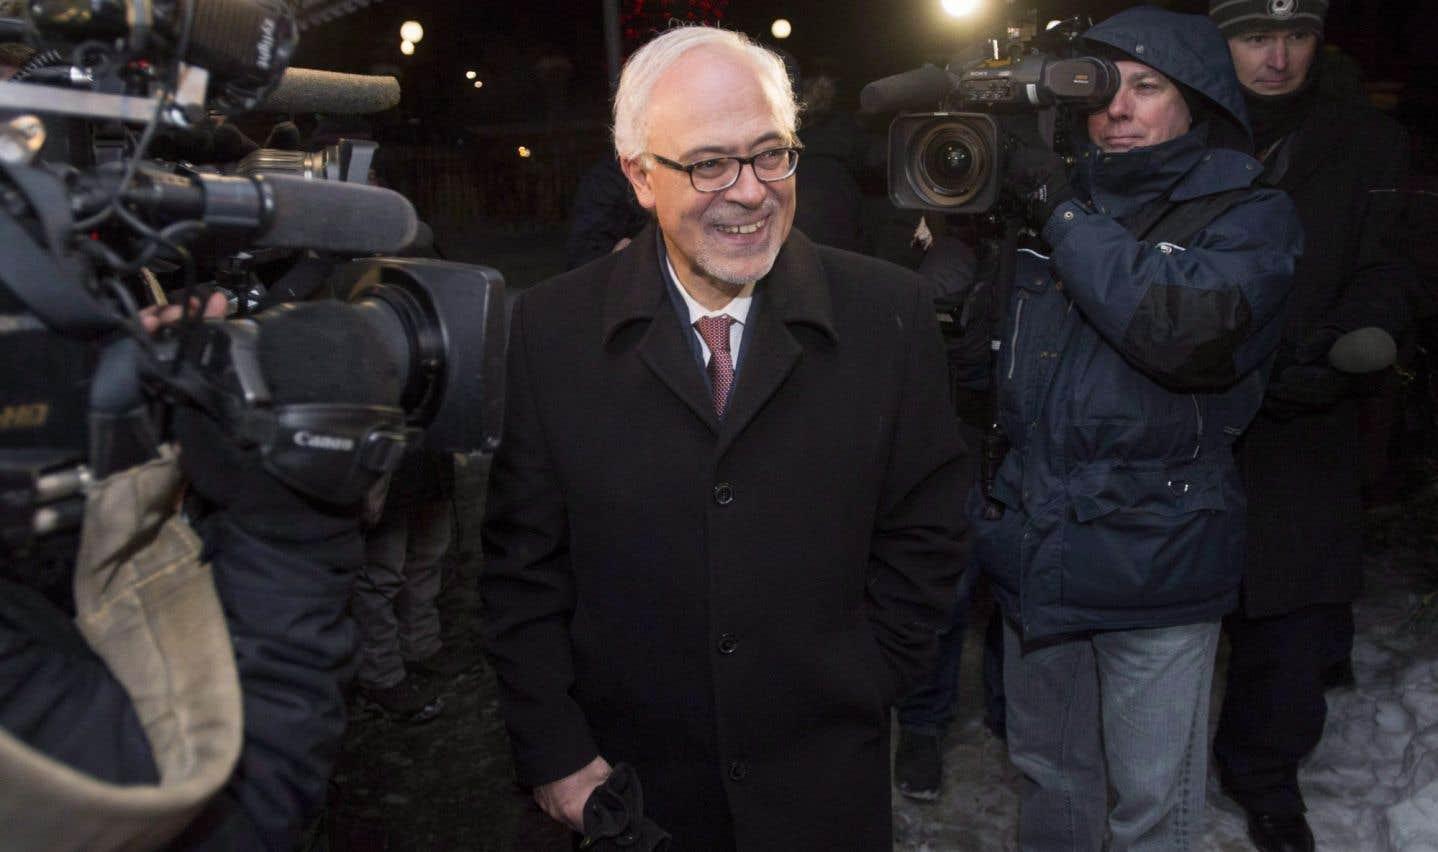 À l'issue de sa rencontre avec les économistes lundi, le ministre Leitão a affirmé à la presse que son budget serait prudent.